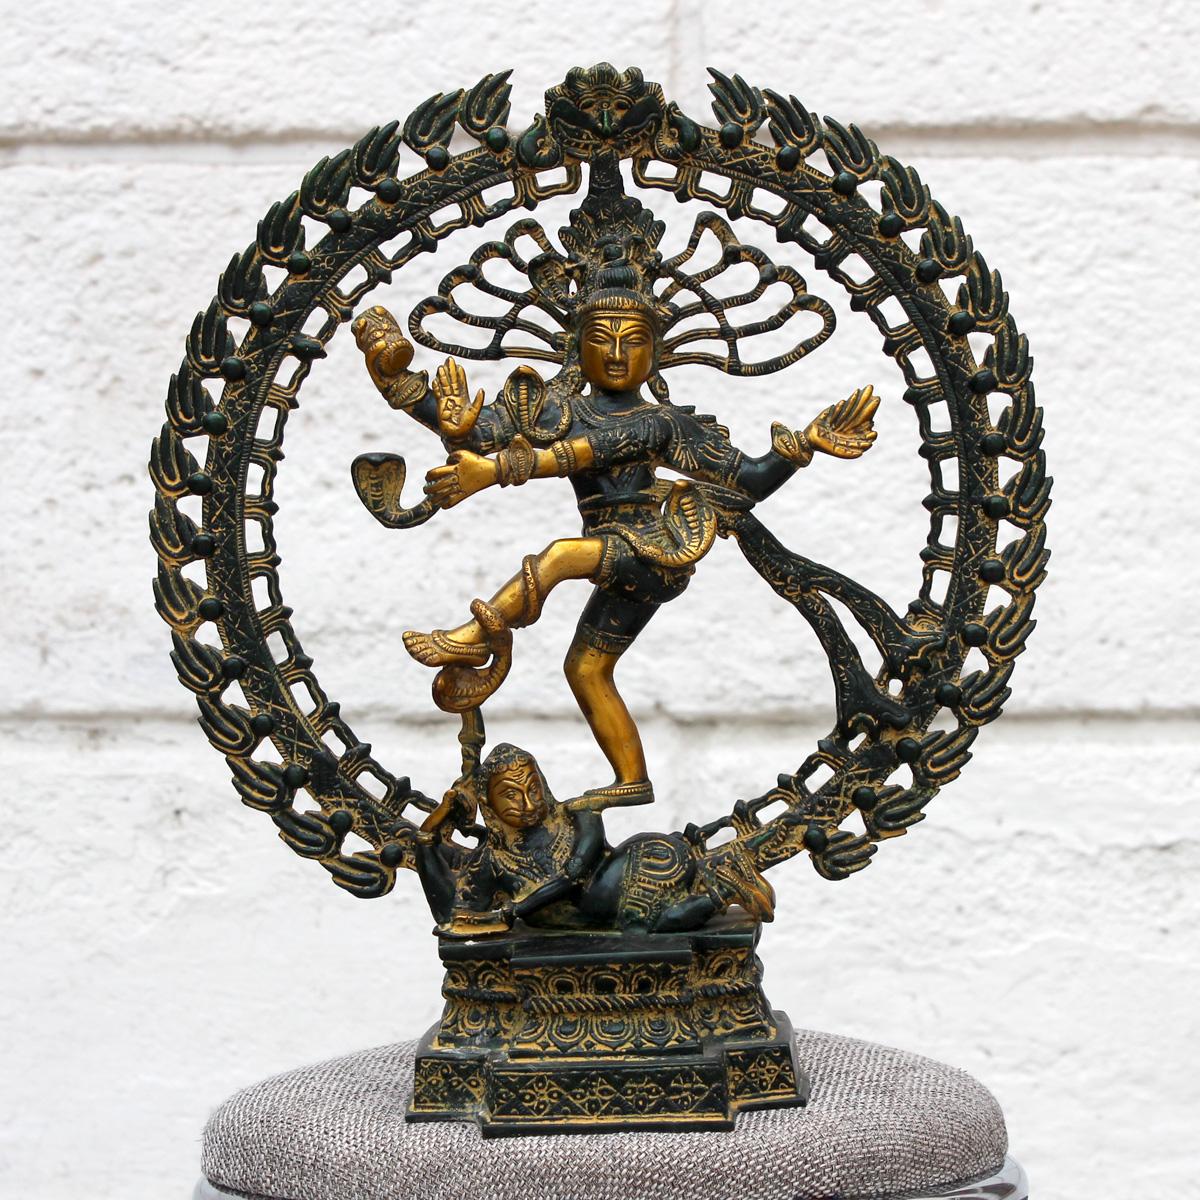 Бог Шива Натараджа (господин танца), бронза, патинированная бронза (стиль стариной бронзы)